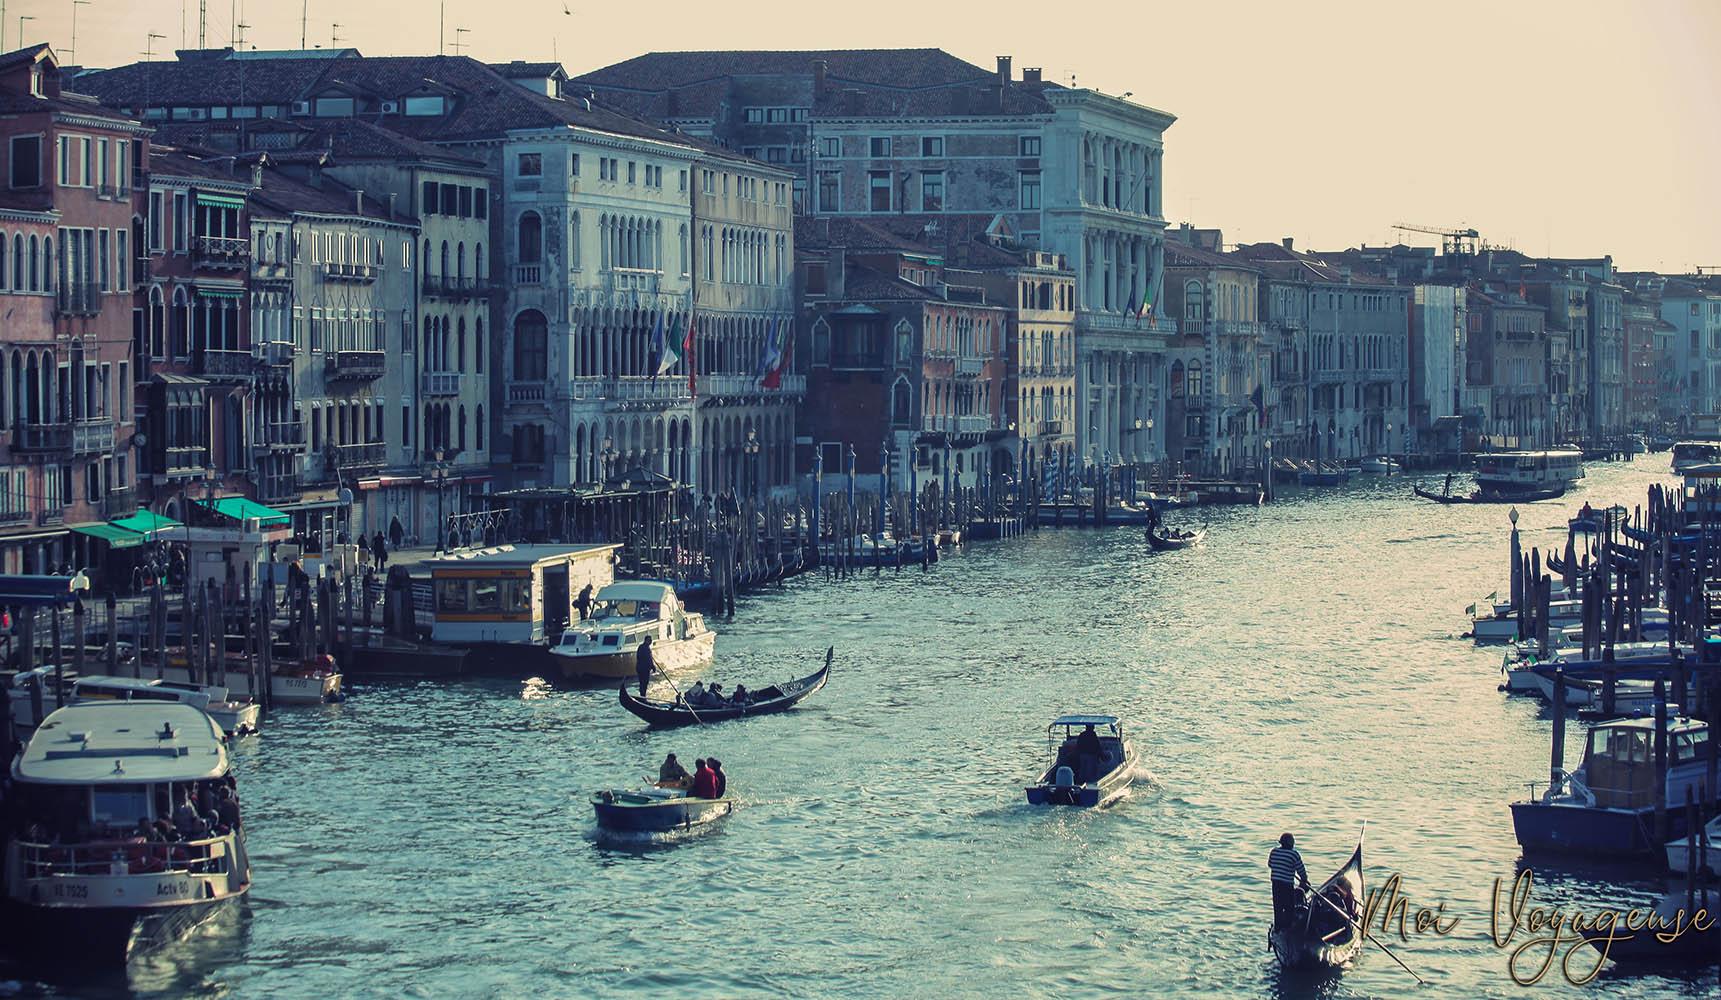 Grand Canal de Venise Italie Europe Rialto